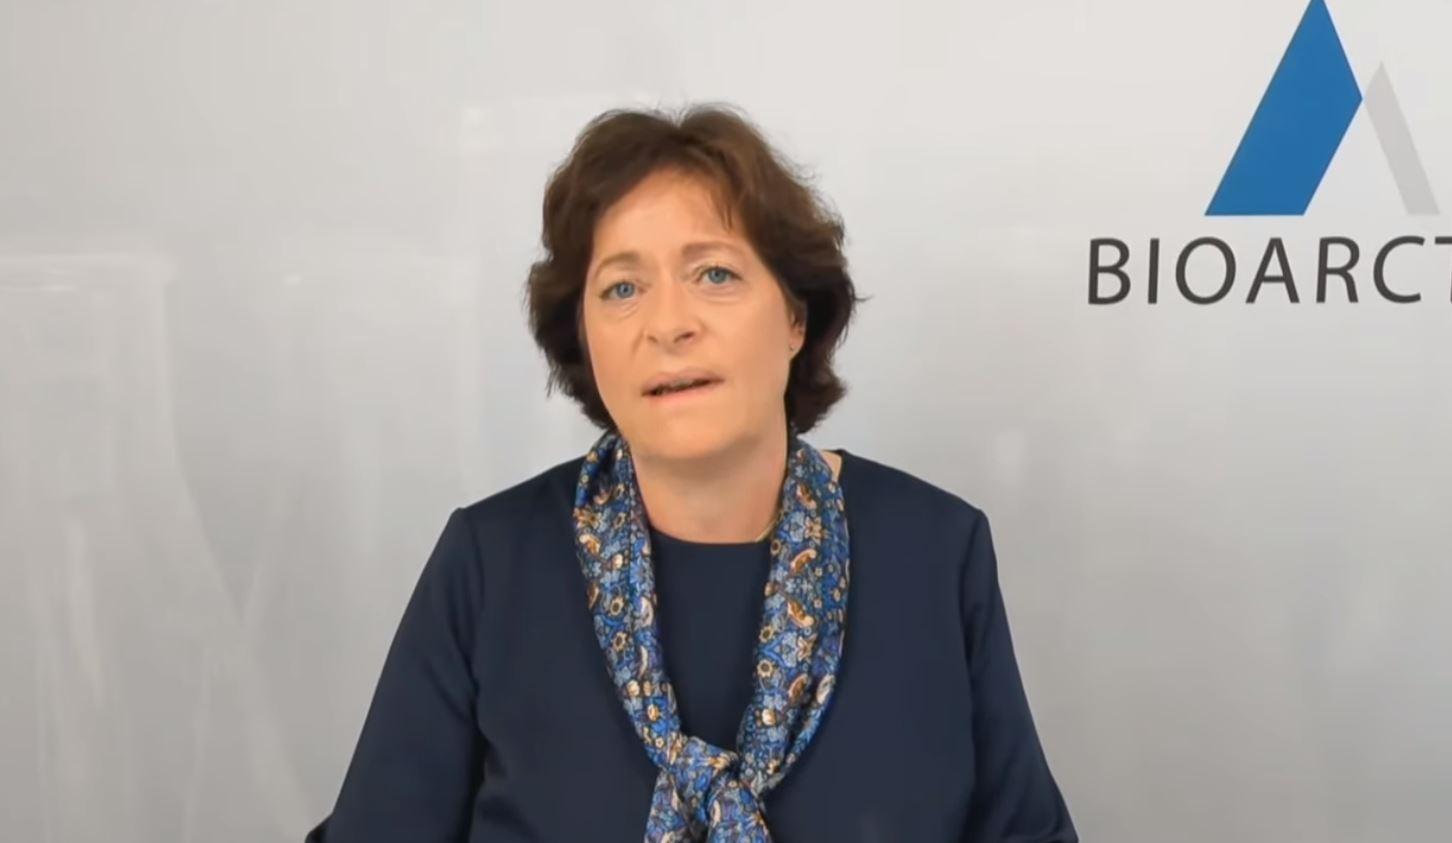 Gunilla Osswald, vd för Bioarctic